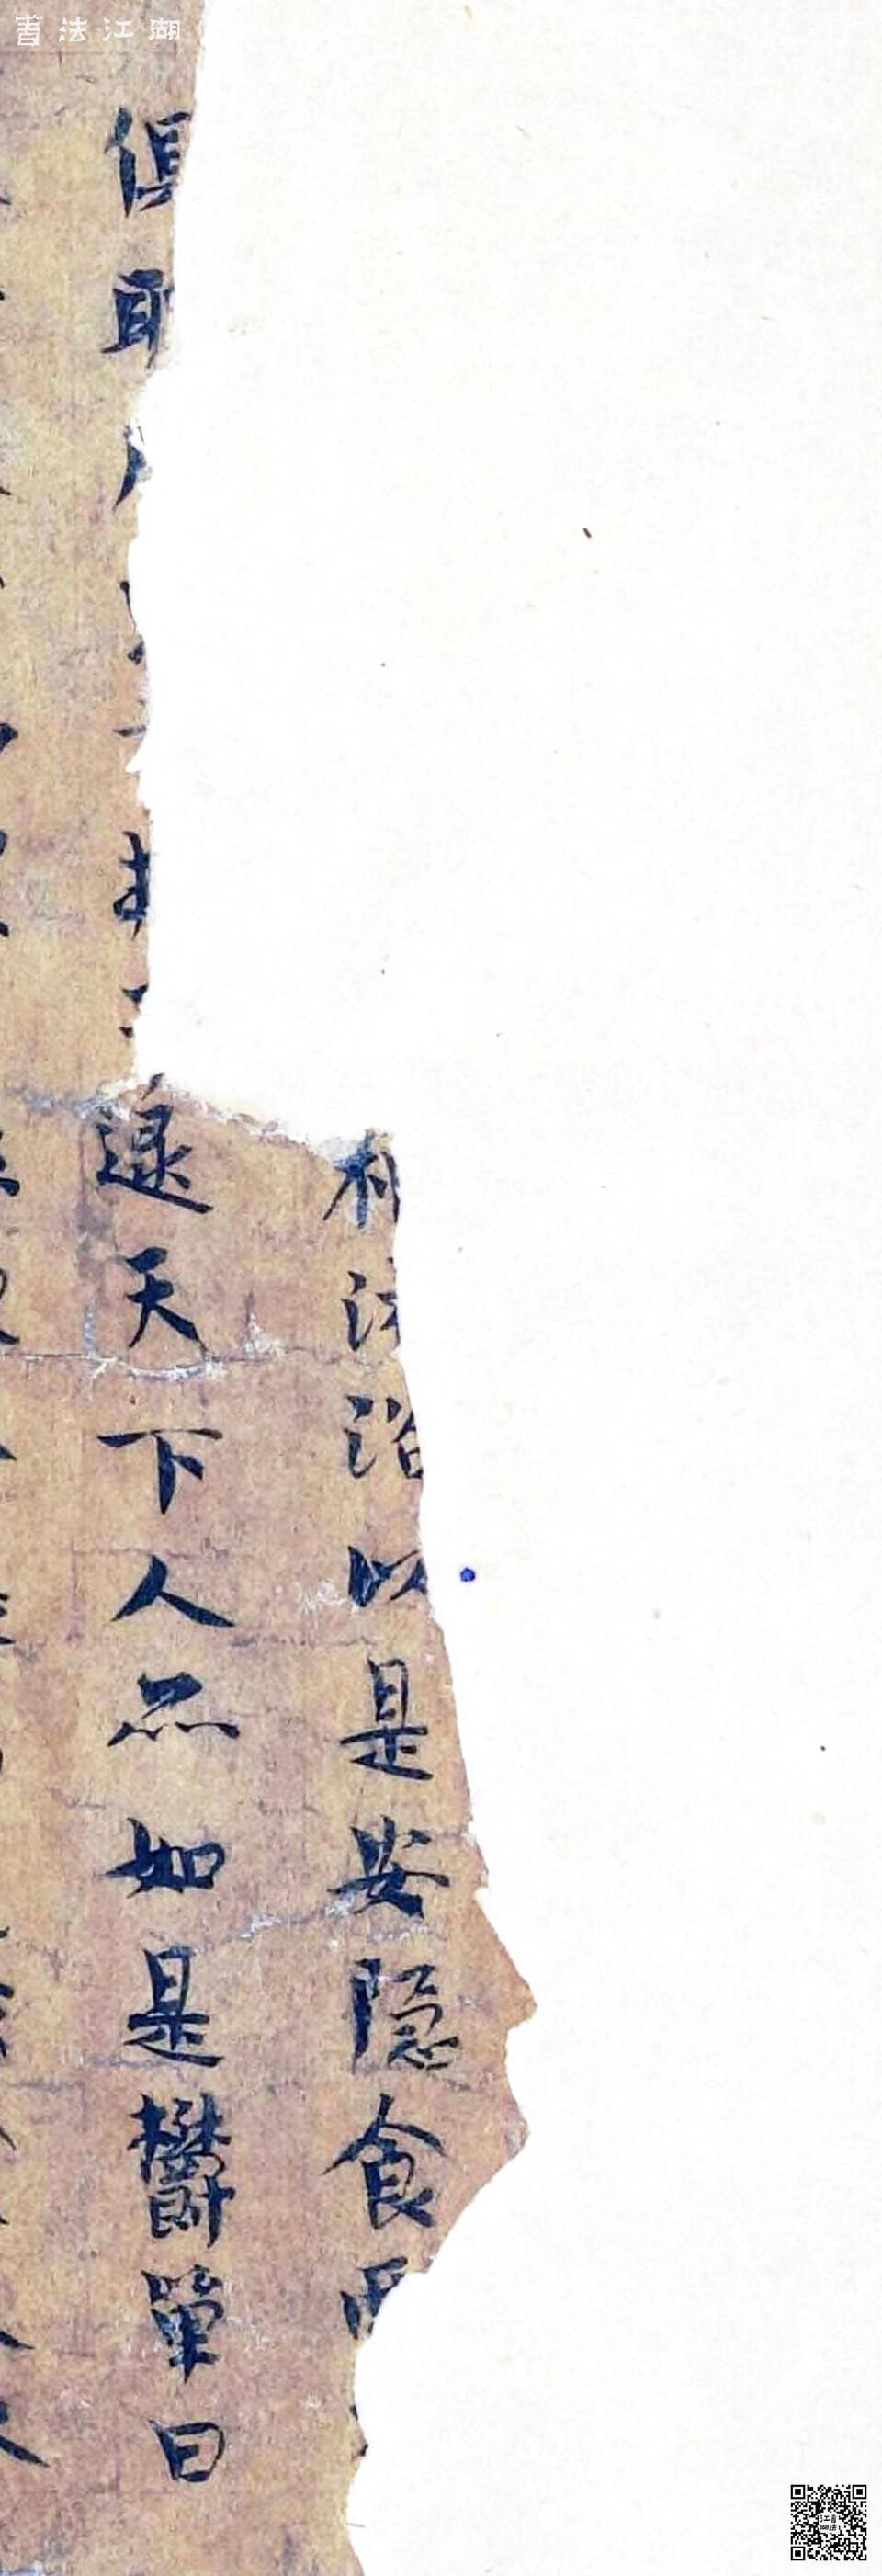 大楼炭经卷第六-01.jpg